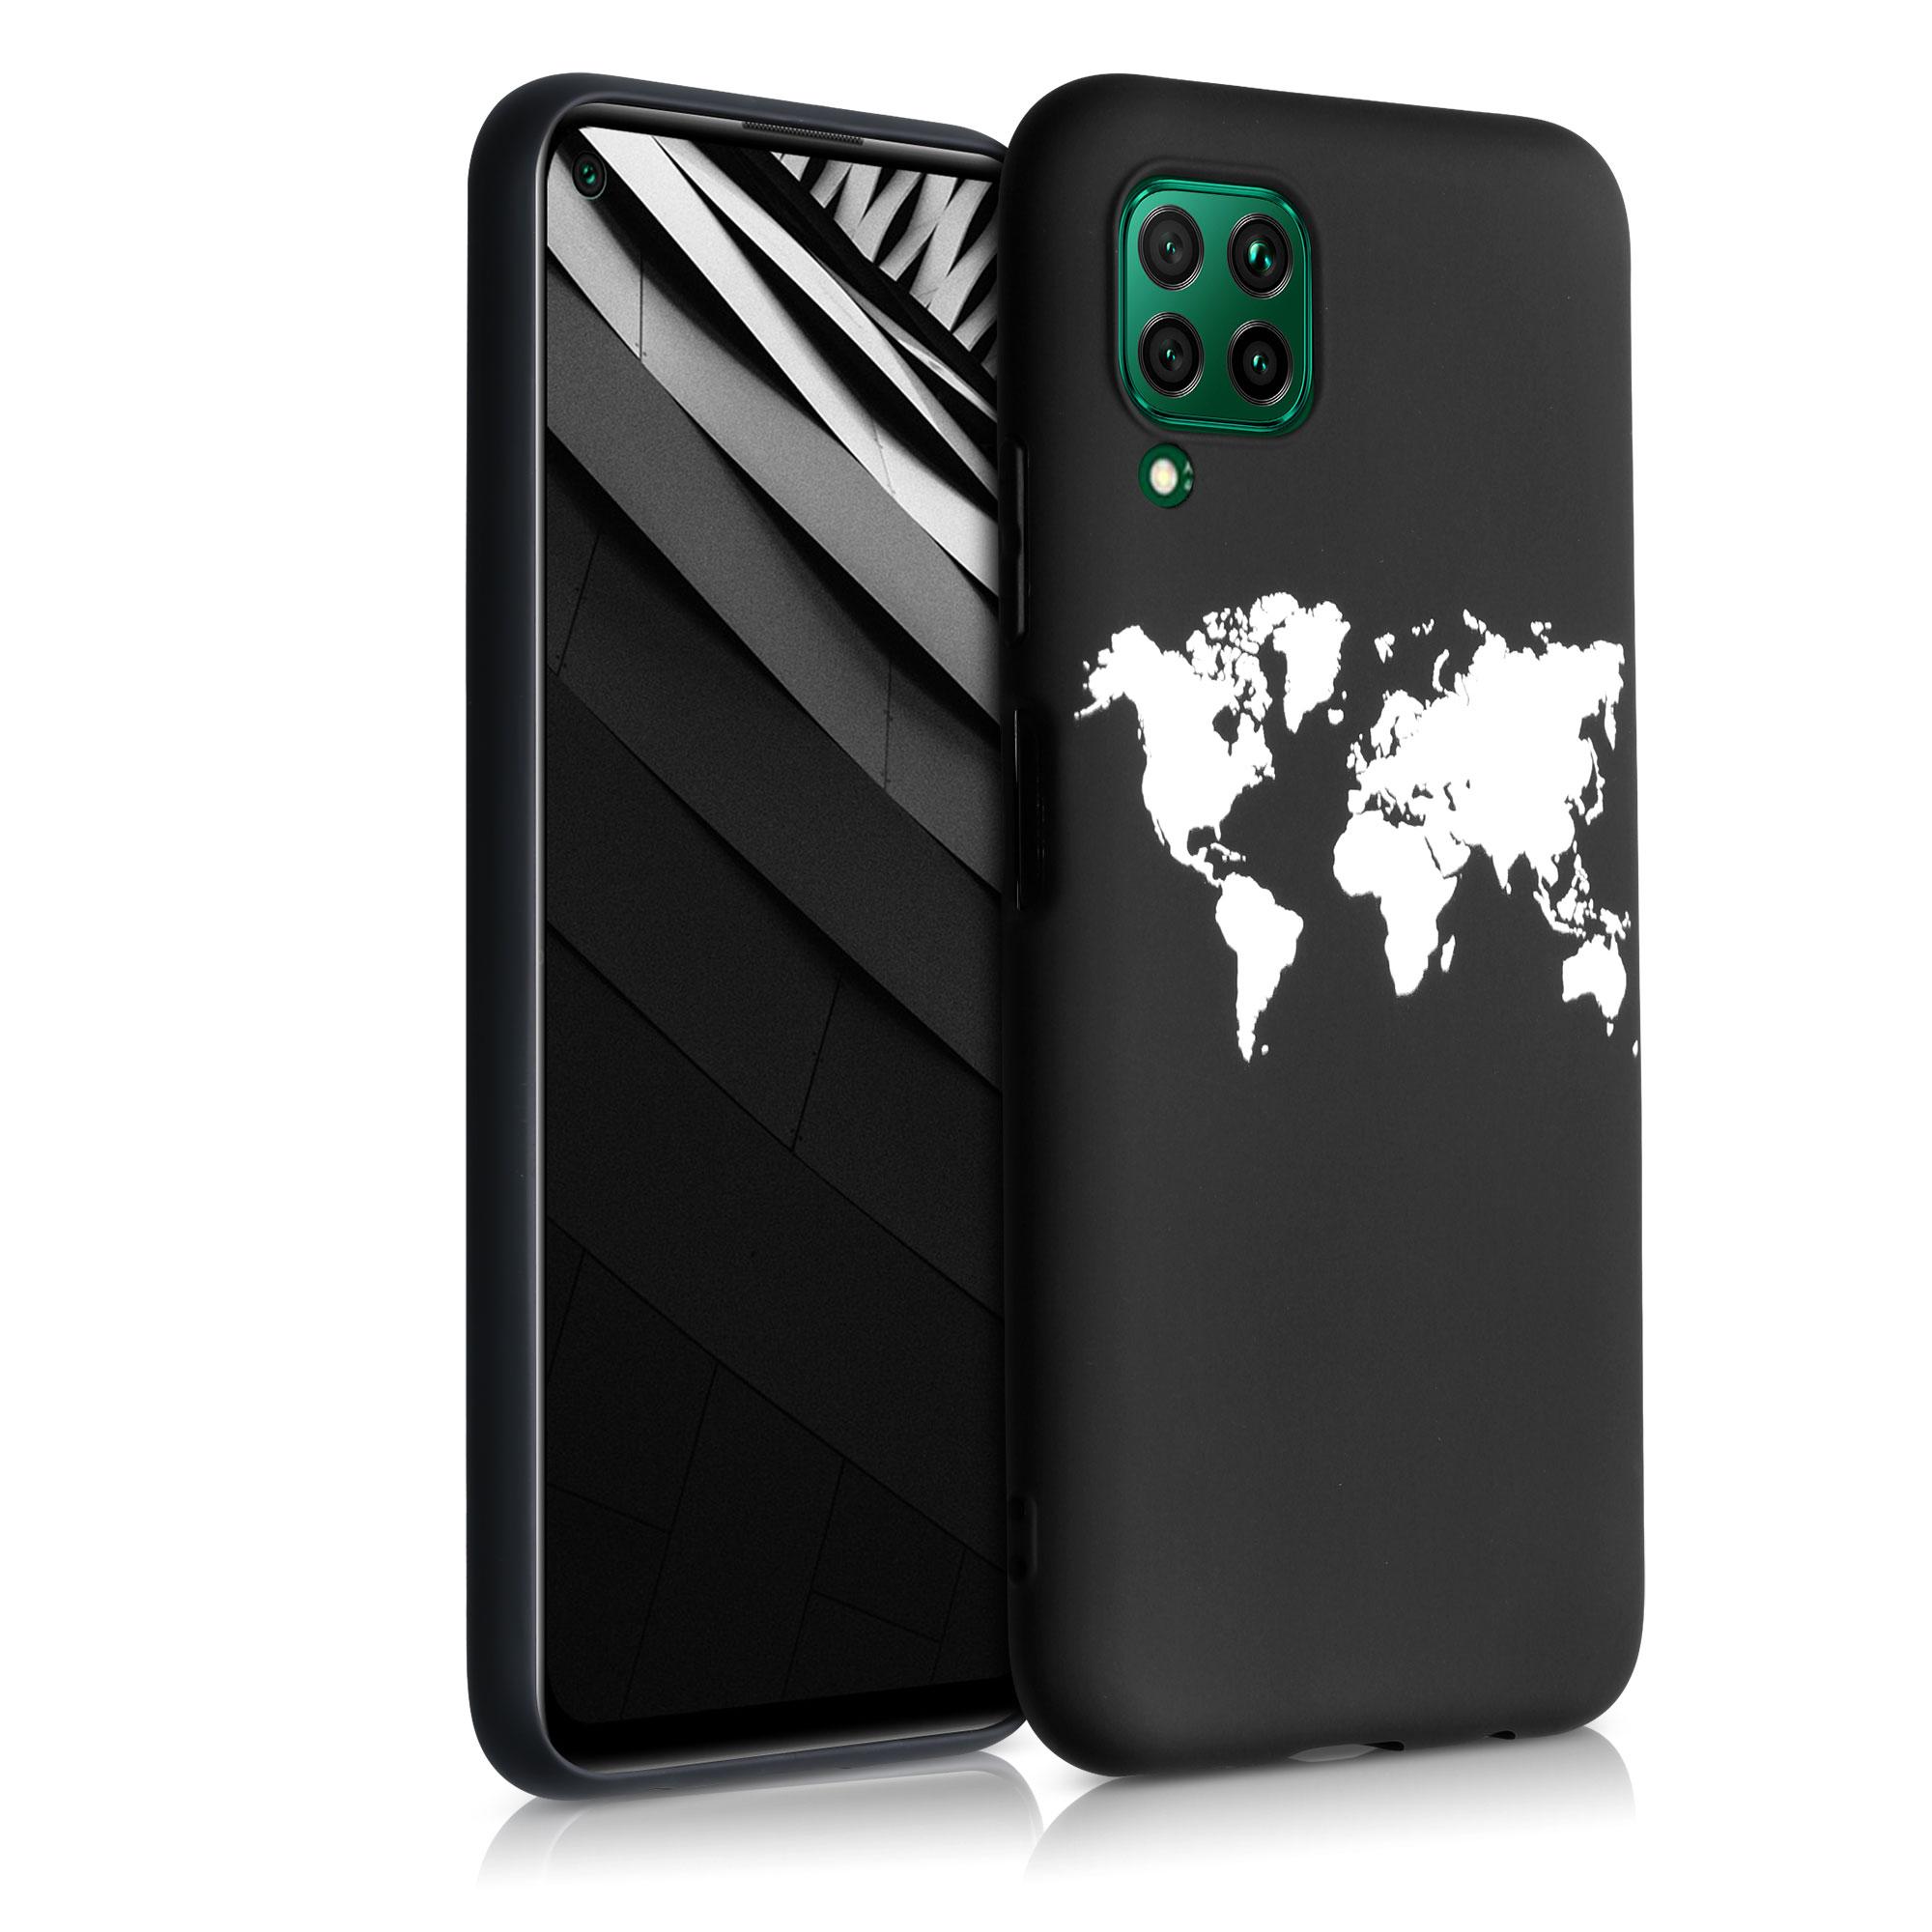 Černé silikonové pouzdro / obal pro Huawei P40 Lite s motivem mapy světa